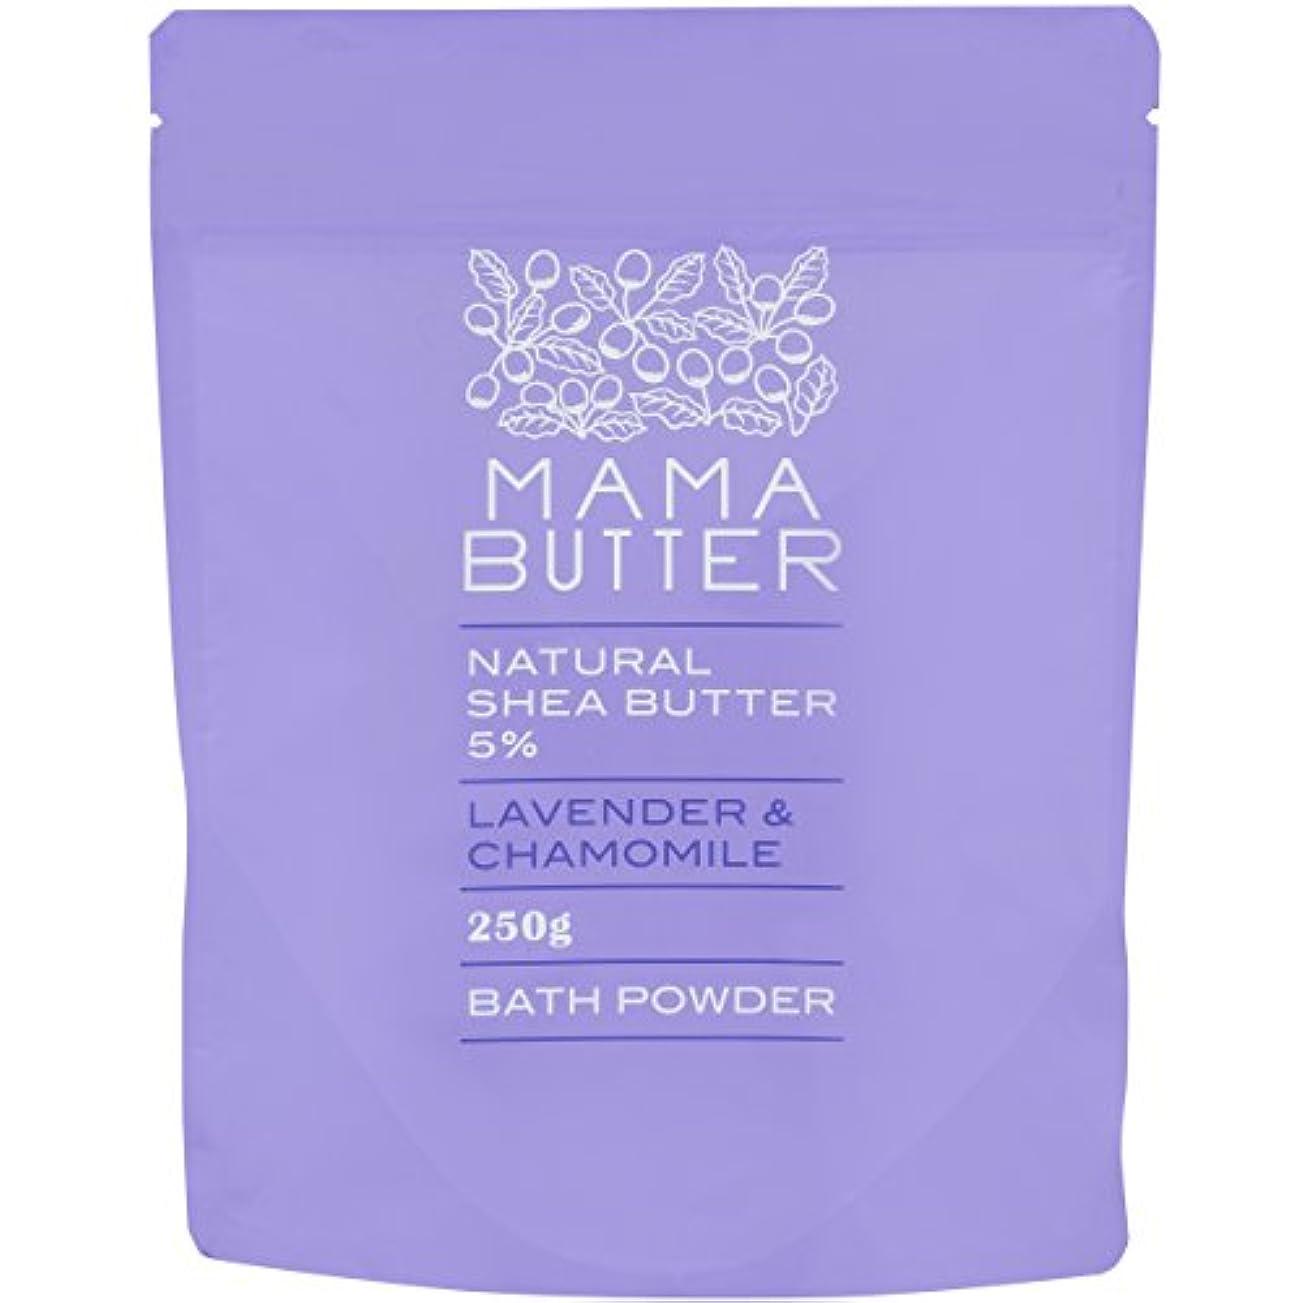 すき火薬夕暮れママバター ナチュラル バスパウダー ラベンダー&カモミールの香り 250g